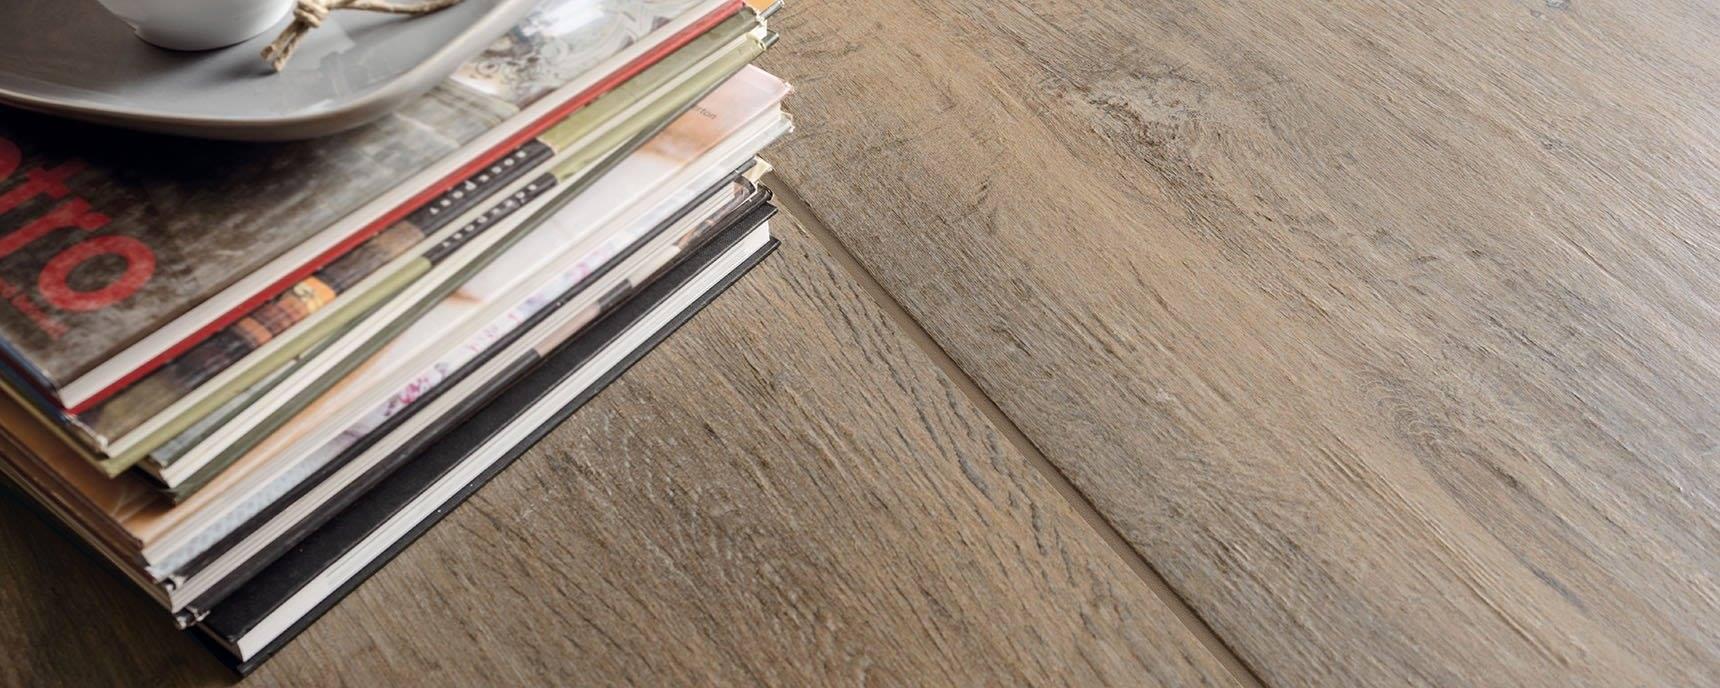 Parquet Spazzolato O Liscio parquet o grès effetto legno: cosa scegliere?